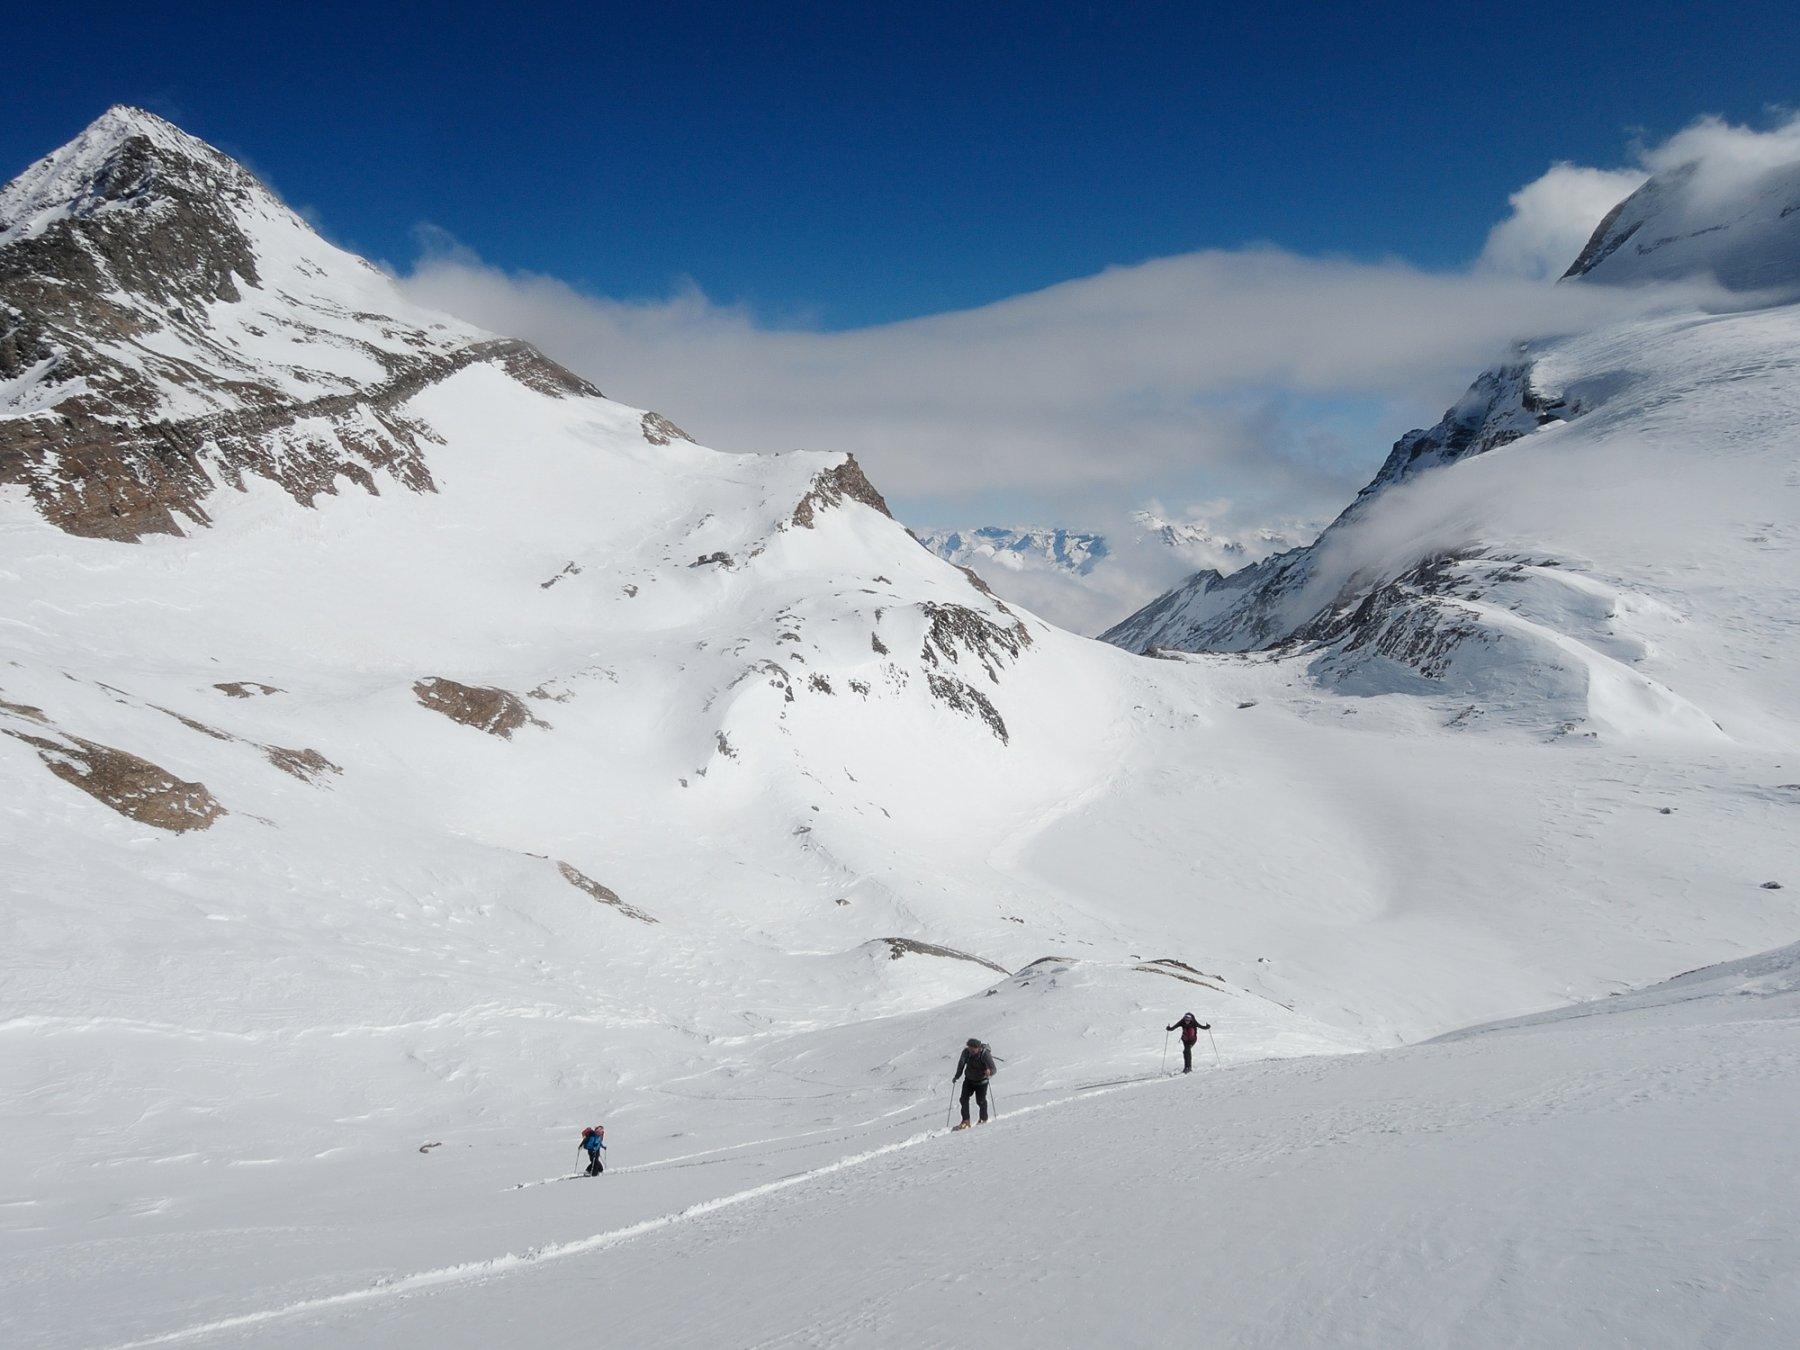 Ultimi metri da salire visti dalla cima, con Terrarossa e Bocchetta d'Aurona sullo sfondo